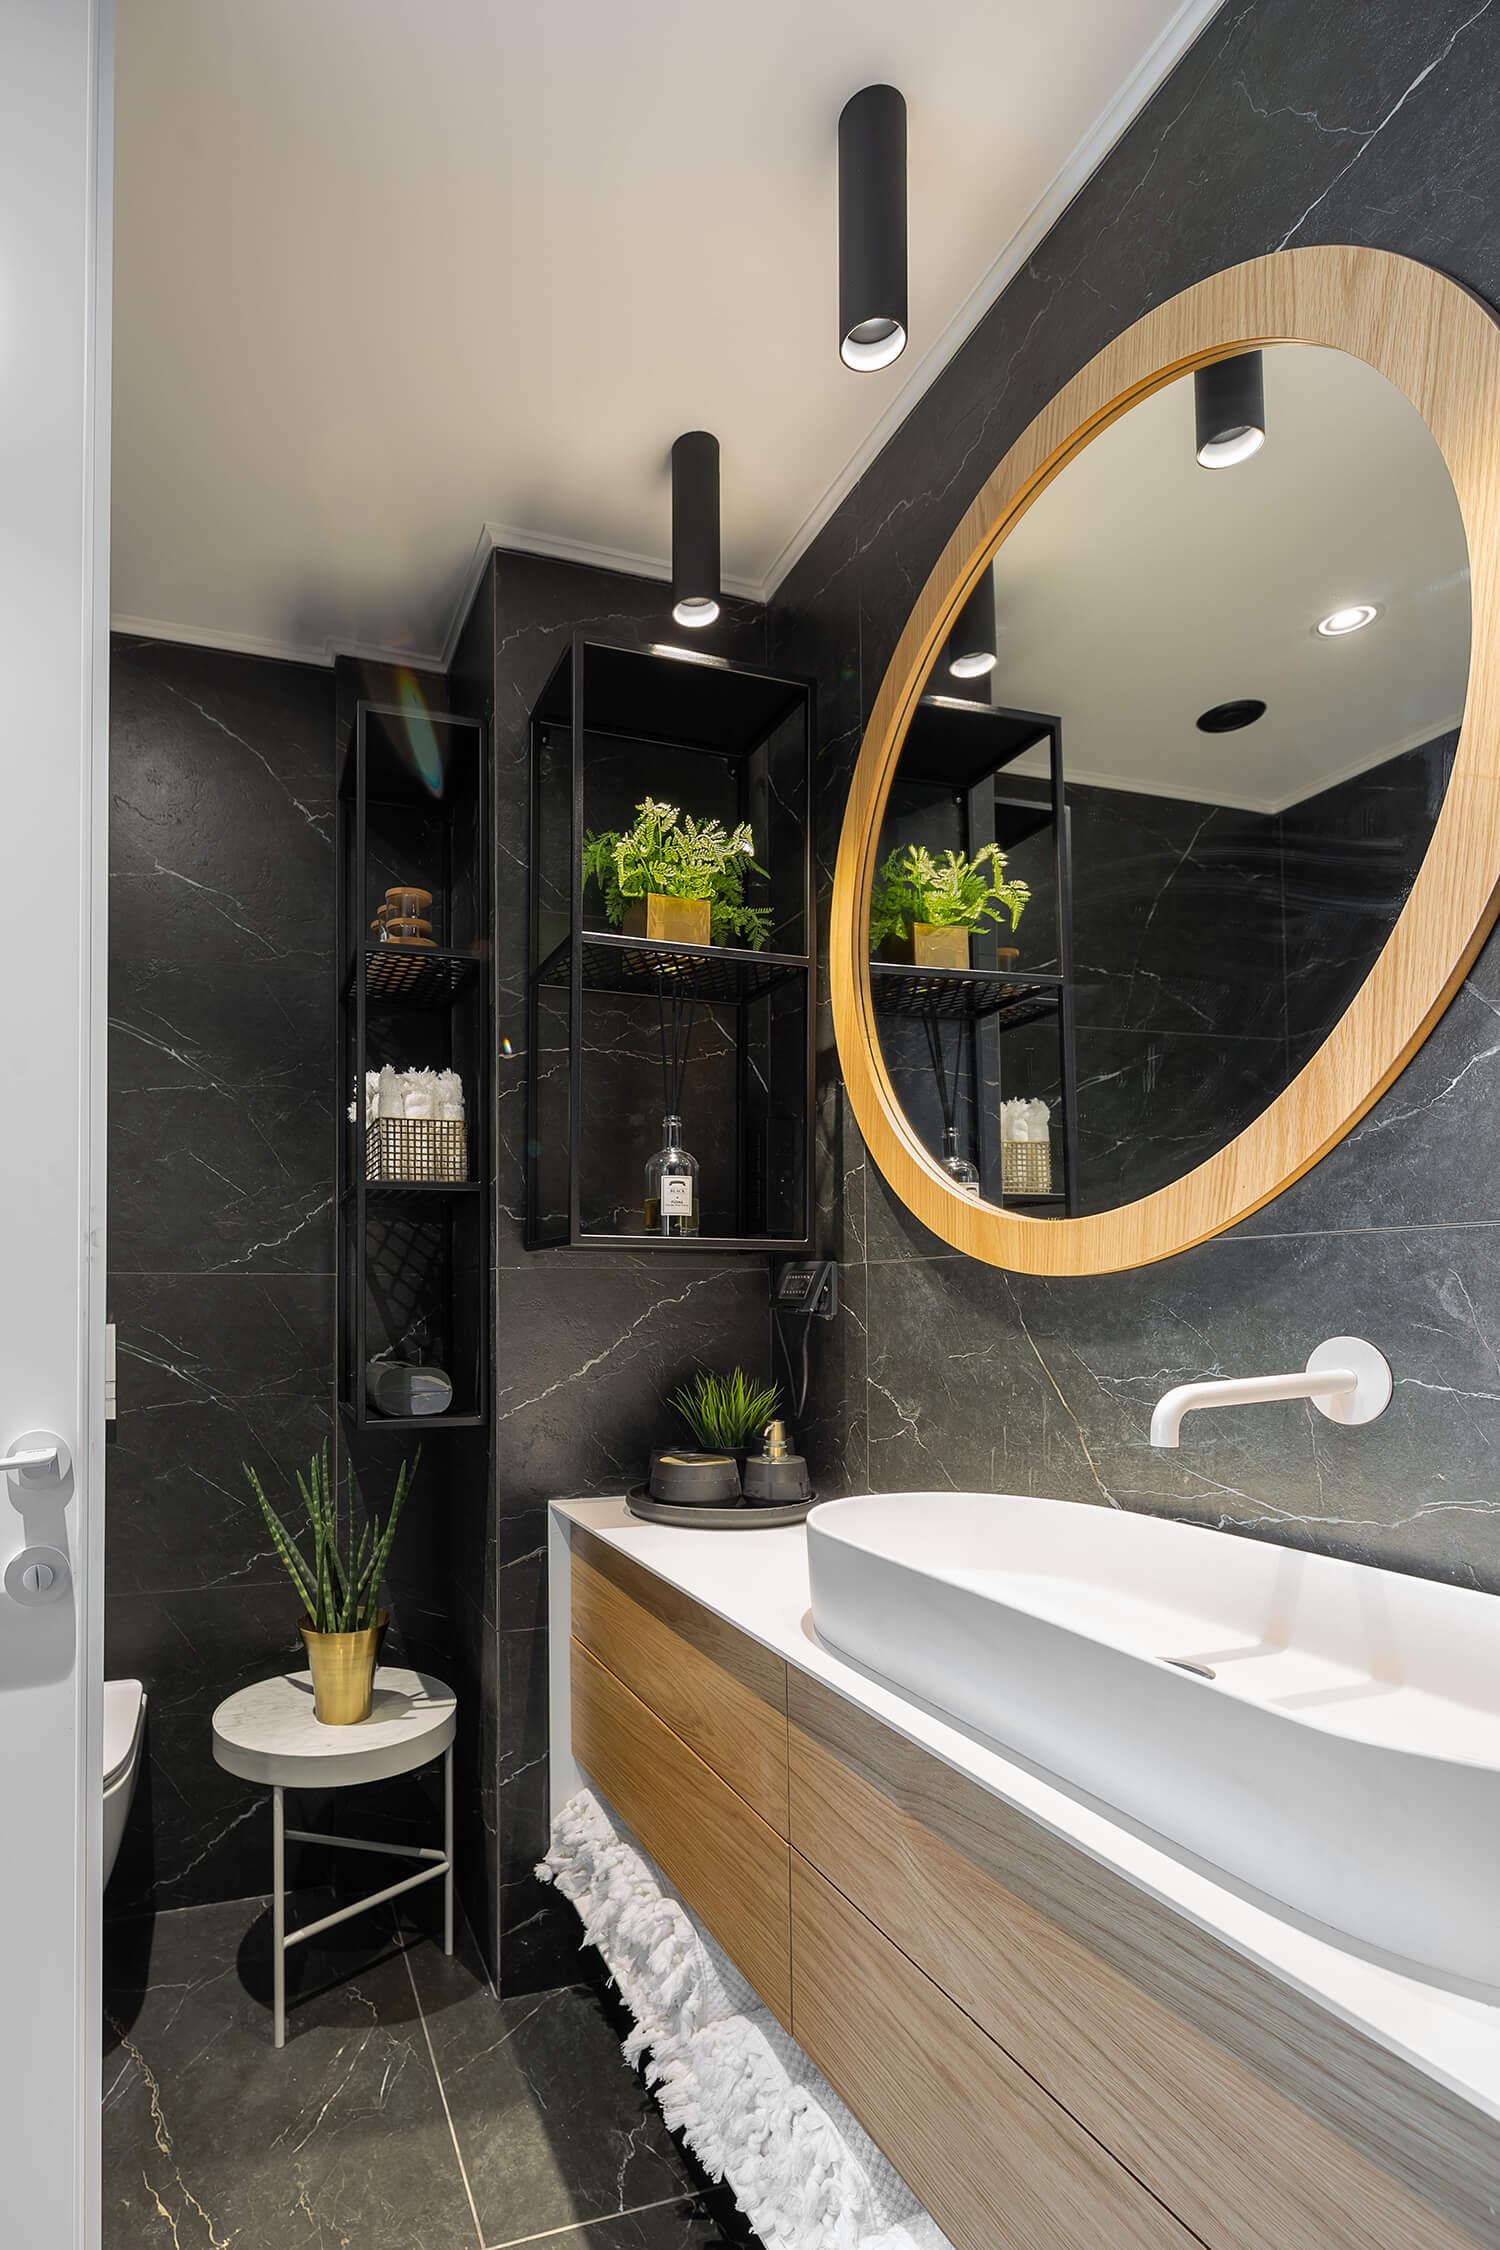 תאורה מקצועית ומעוצבת לחדר מקלחת